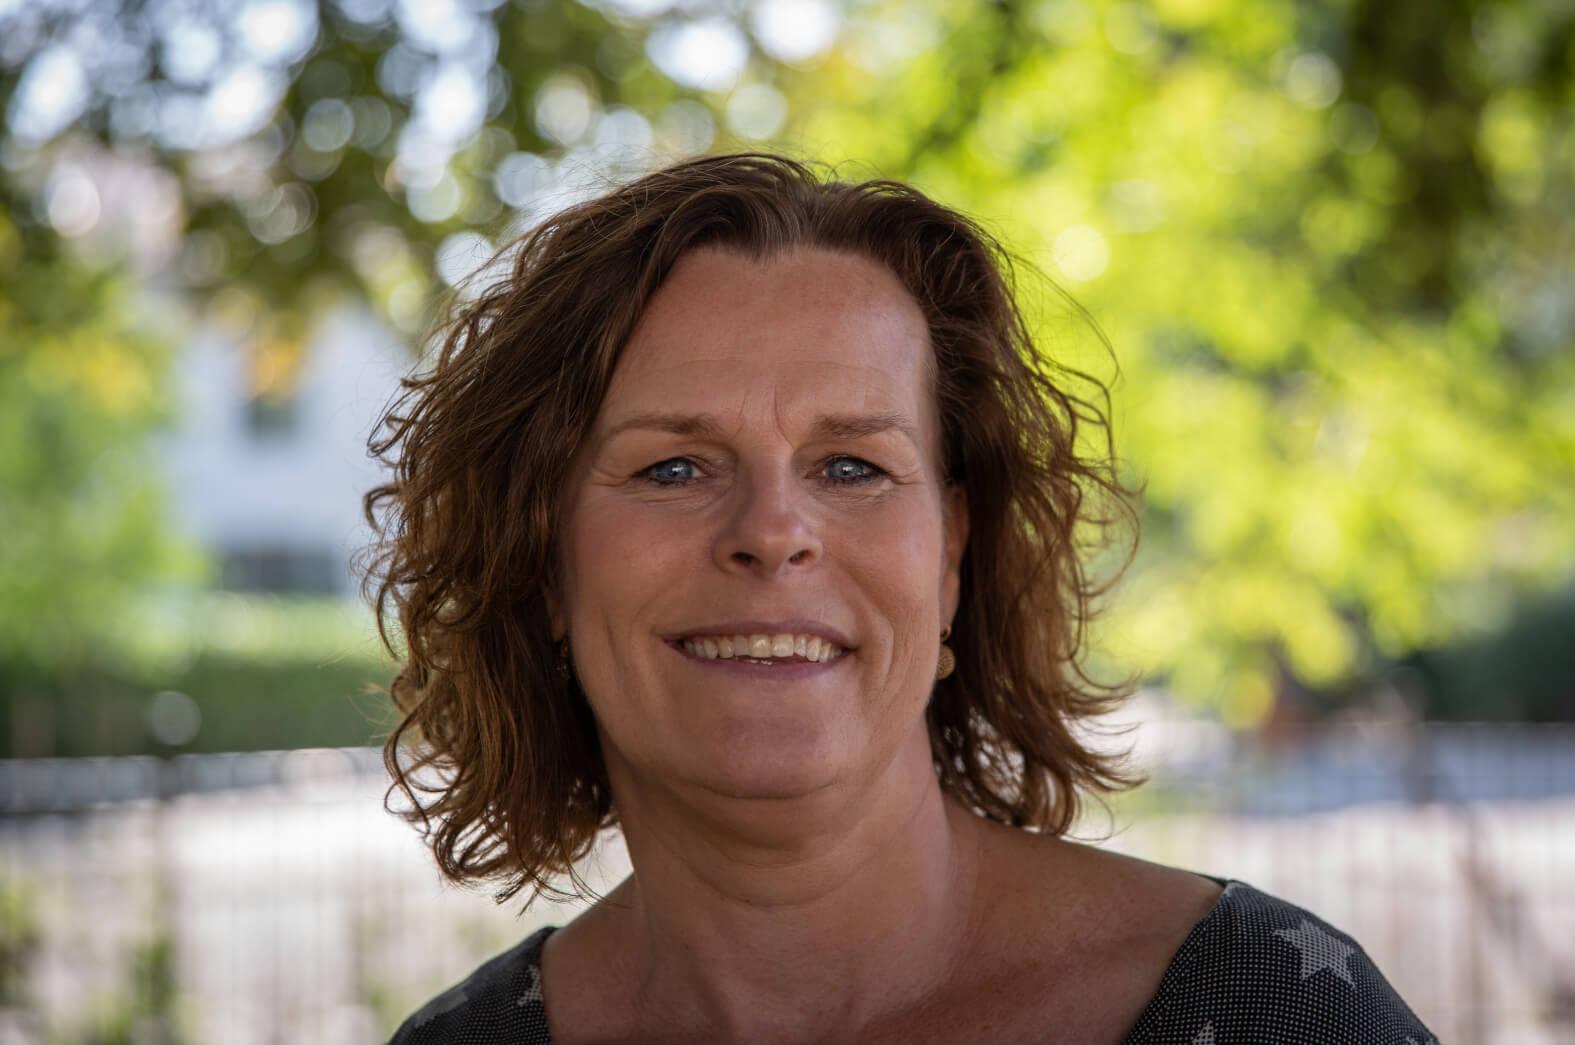 Karin Schaffels